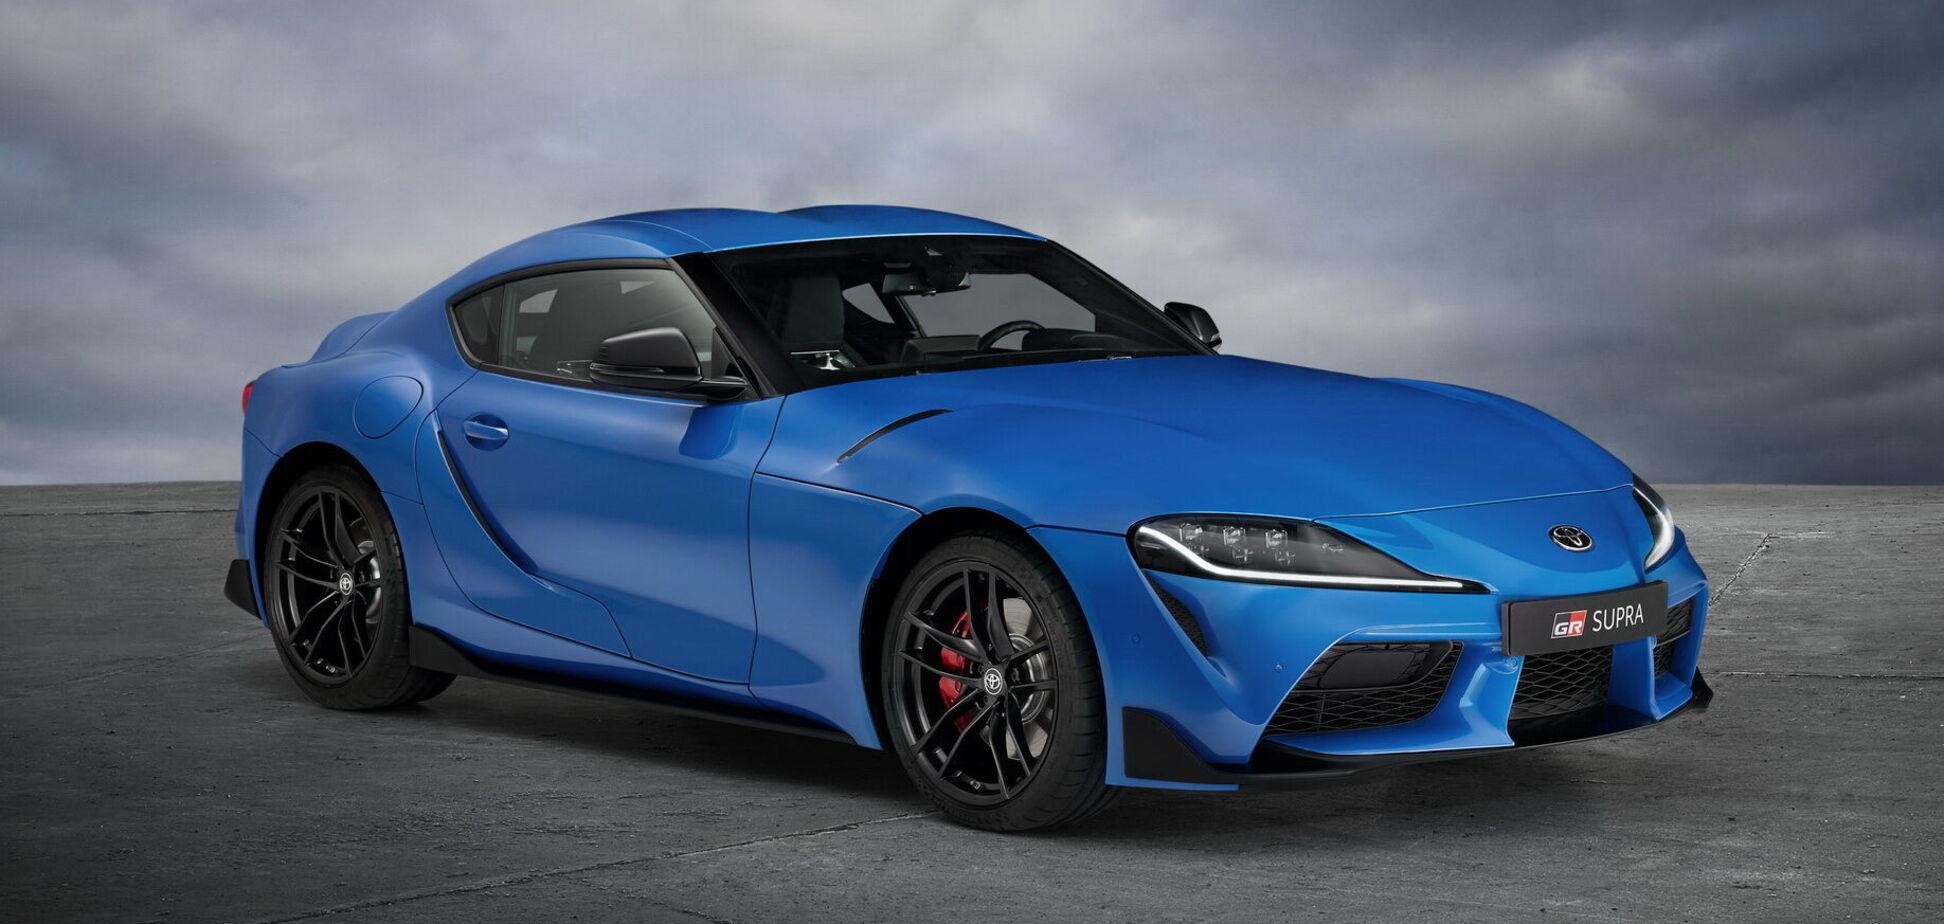 Toyota показала коллекционную версию спорткара Supra